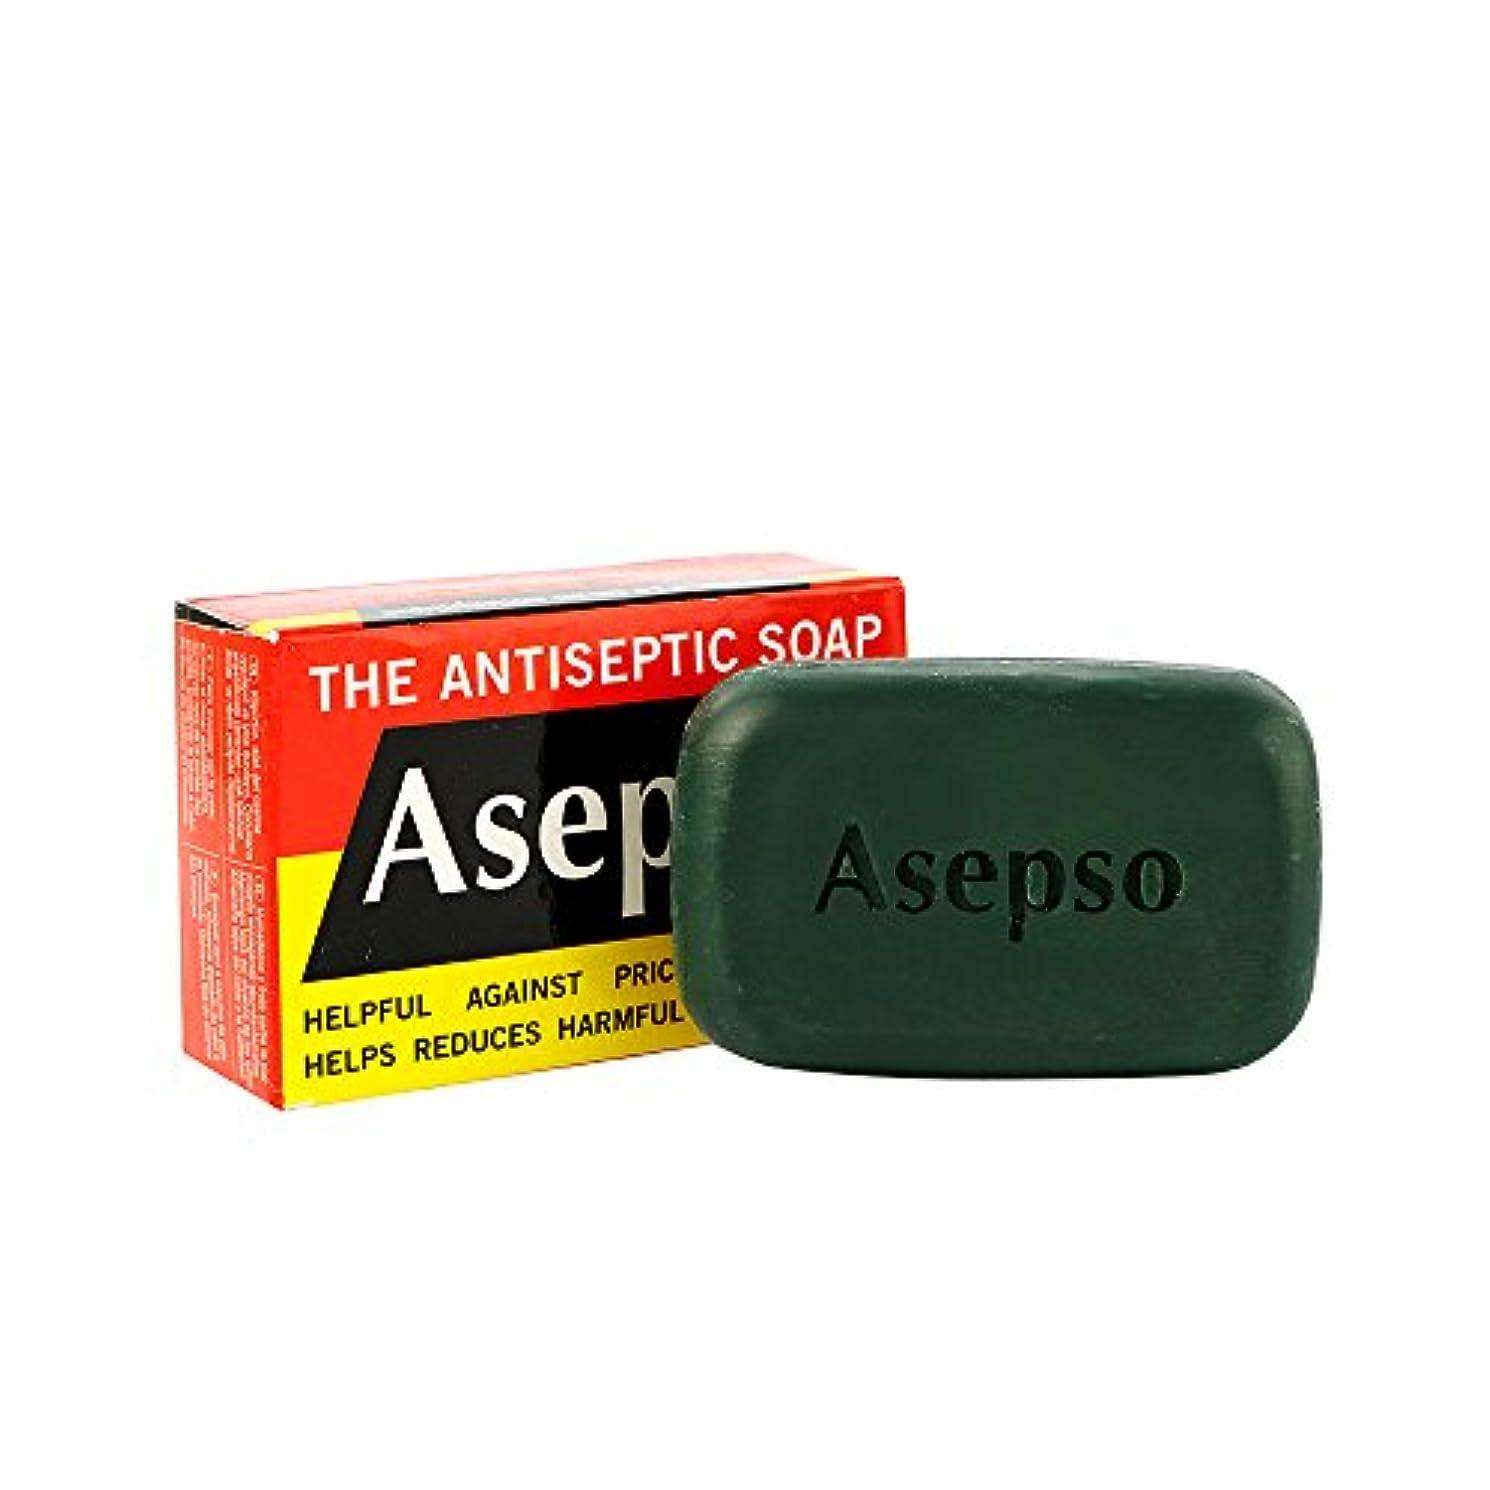 膨らませるベッド擬人Asepso Antiseptic Soap Antibacterial Agent Soap 80g. x 4